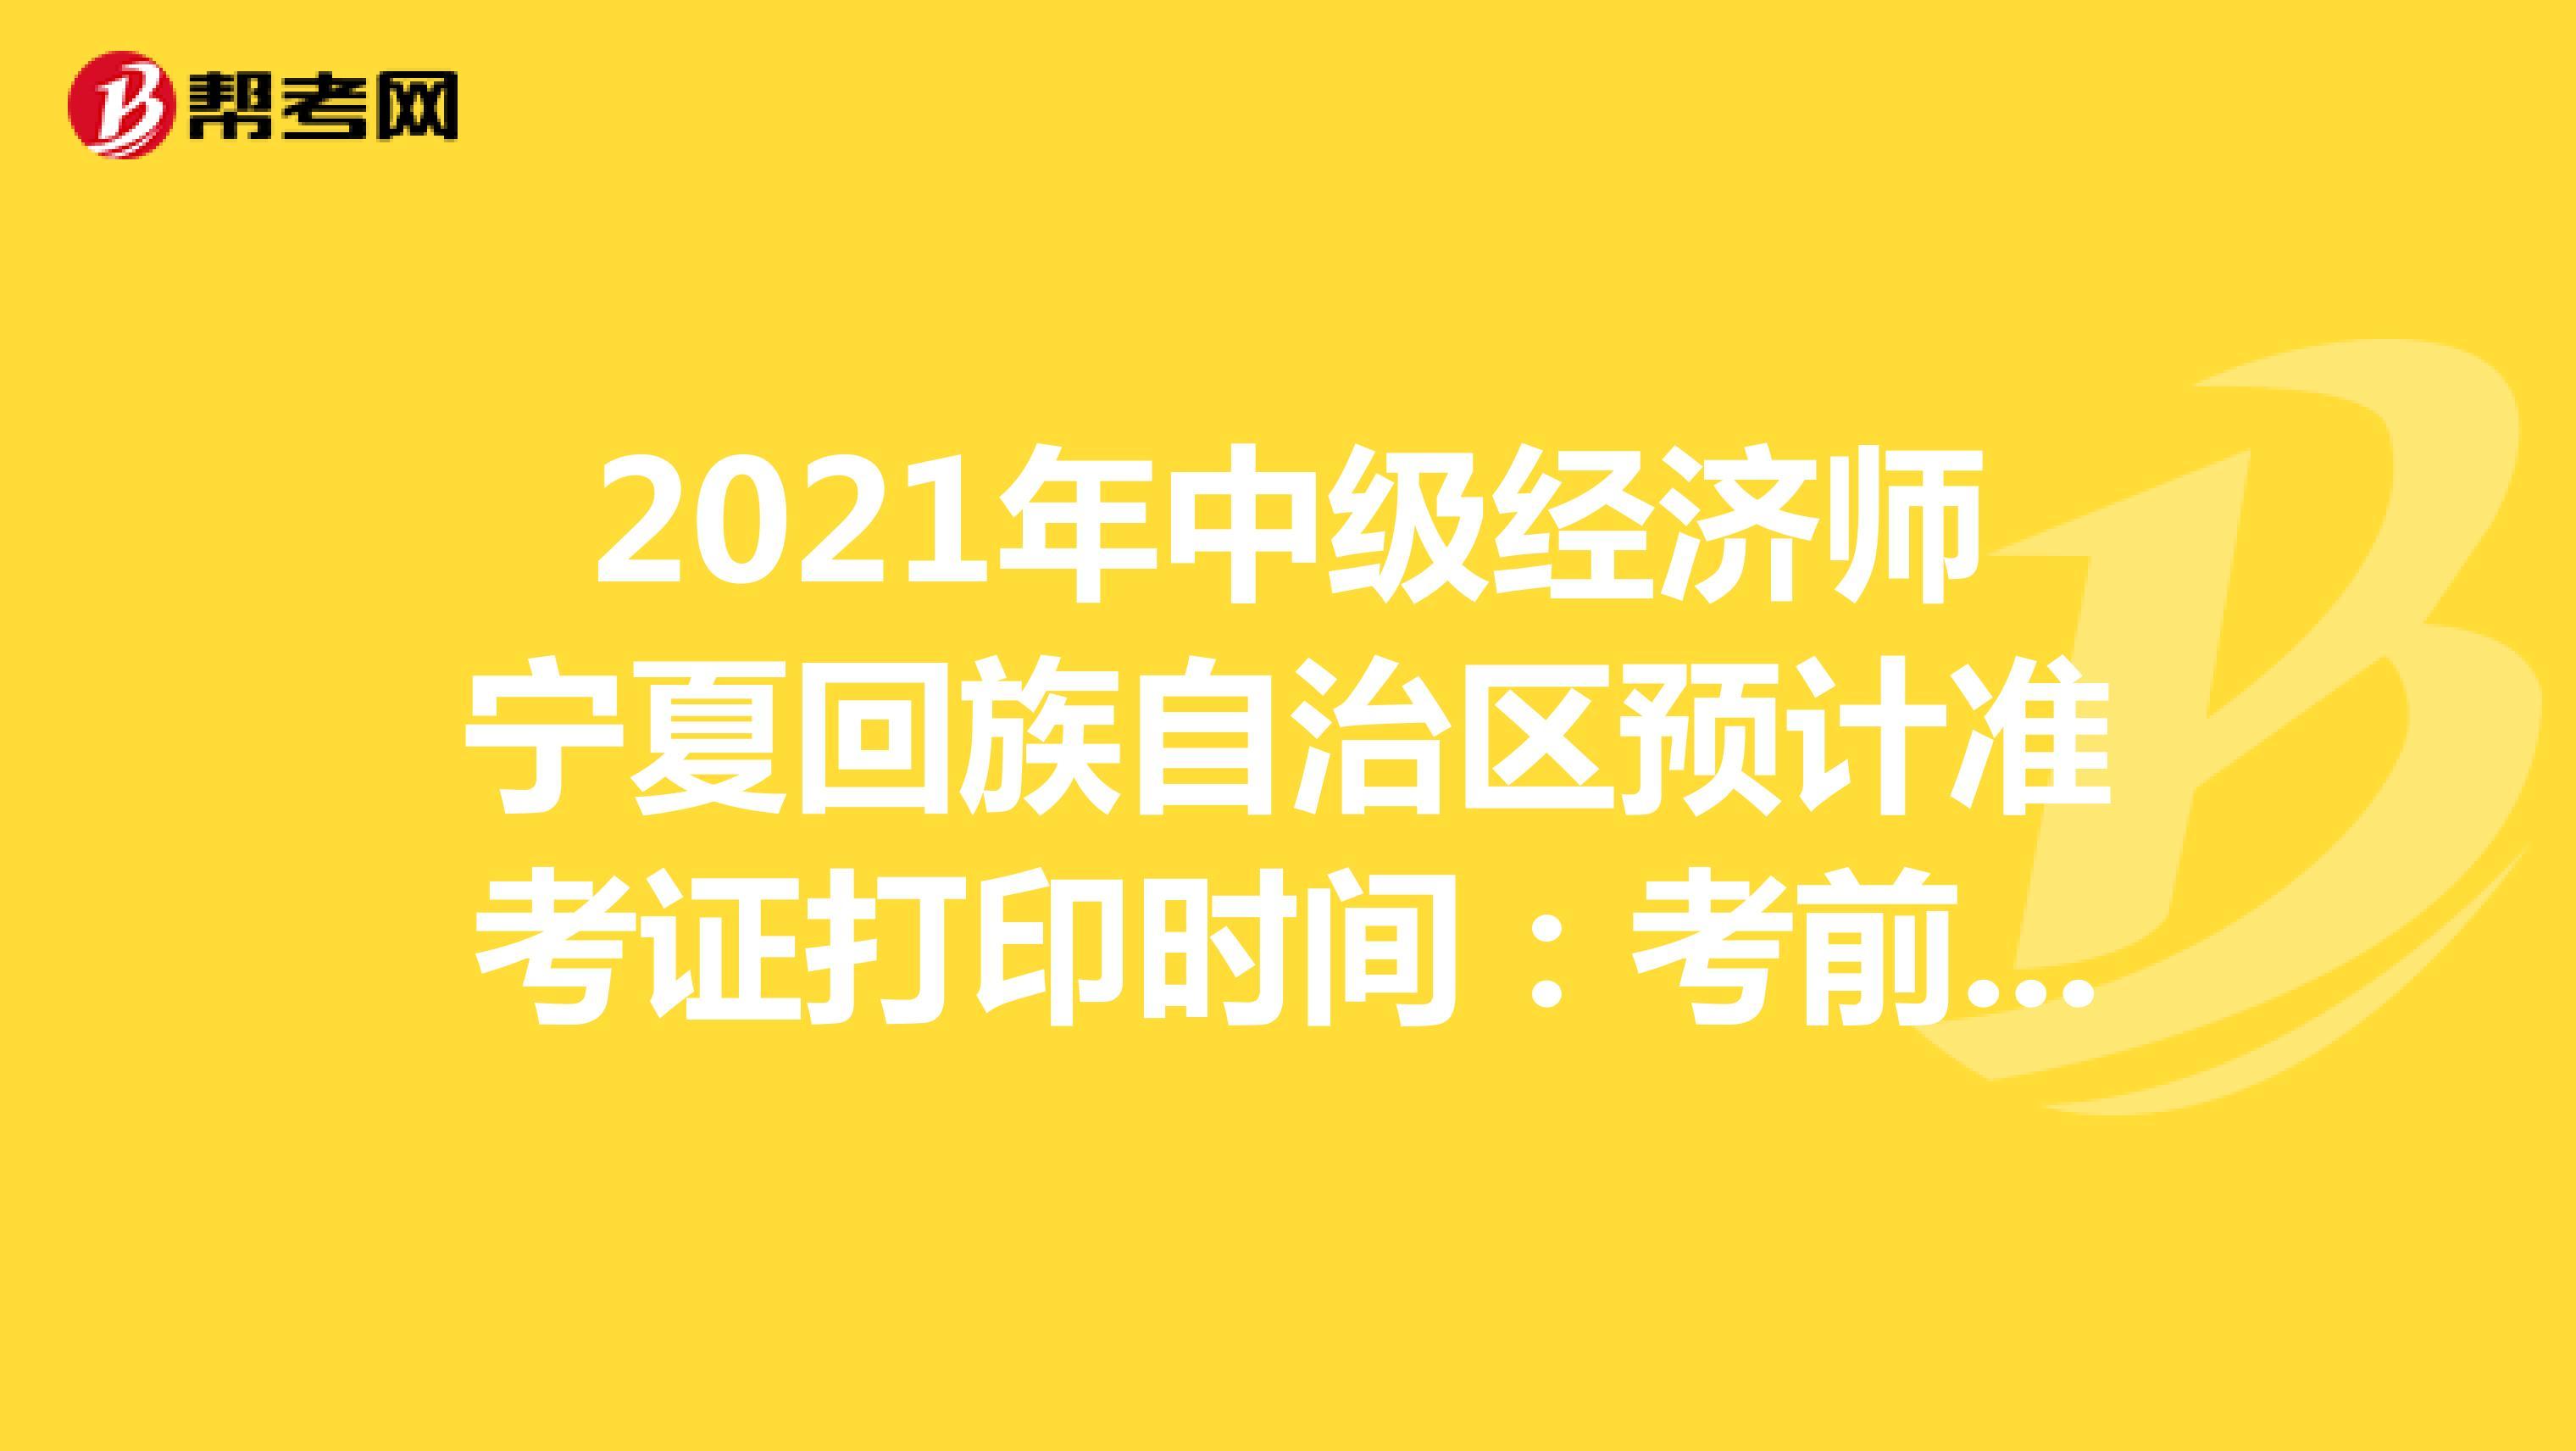 2021年中級經濟師寧夏回族自治區預計準考證打印時間:考前一周!